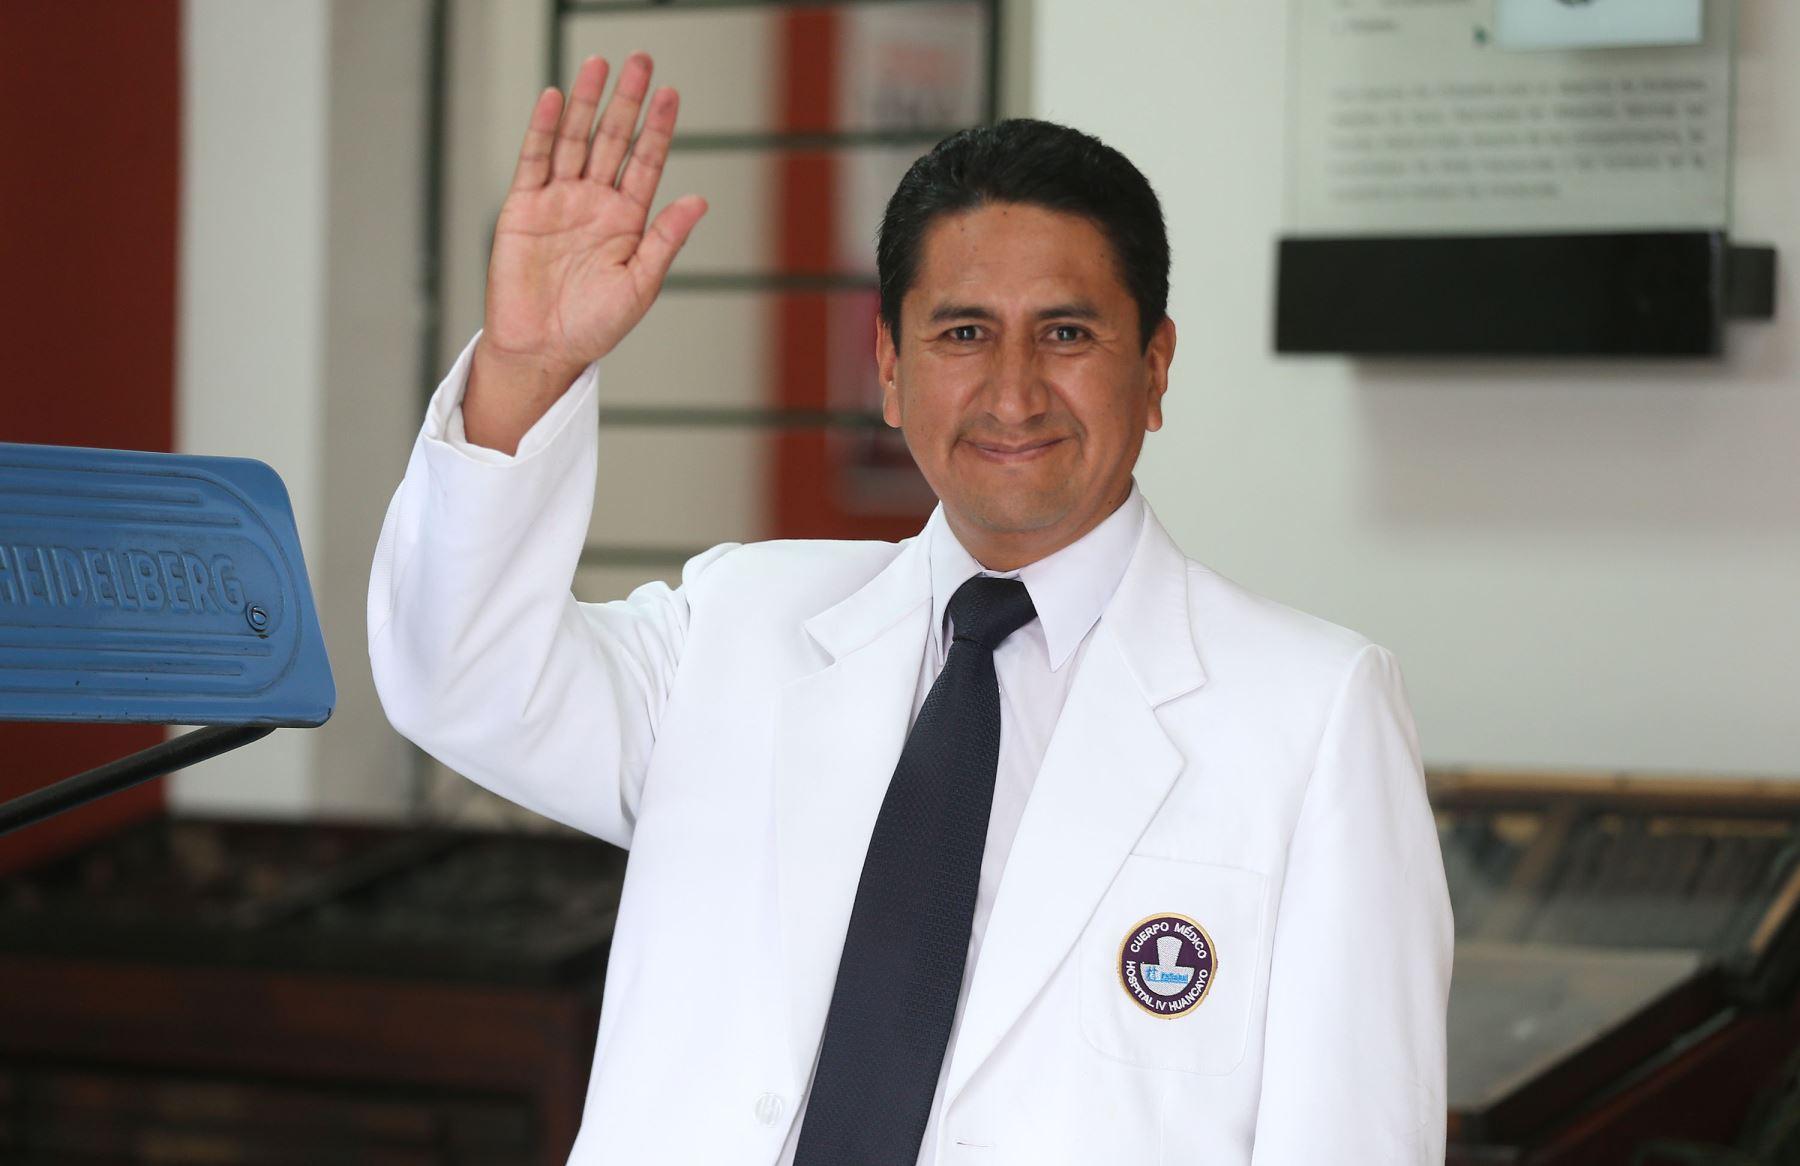 """Con el 37.4% de los votos, el candidato Vladimir Cerrón (Perú Libre) es el virtual gobernador regional de Junín, según la encuesta """"a boca de urna"""" realizada por la empresa encuestadora Ipsos. ANDINA/Vidal Tarqui"""